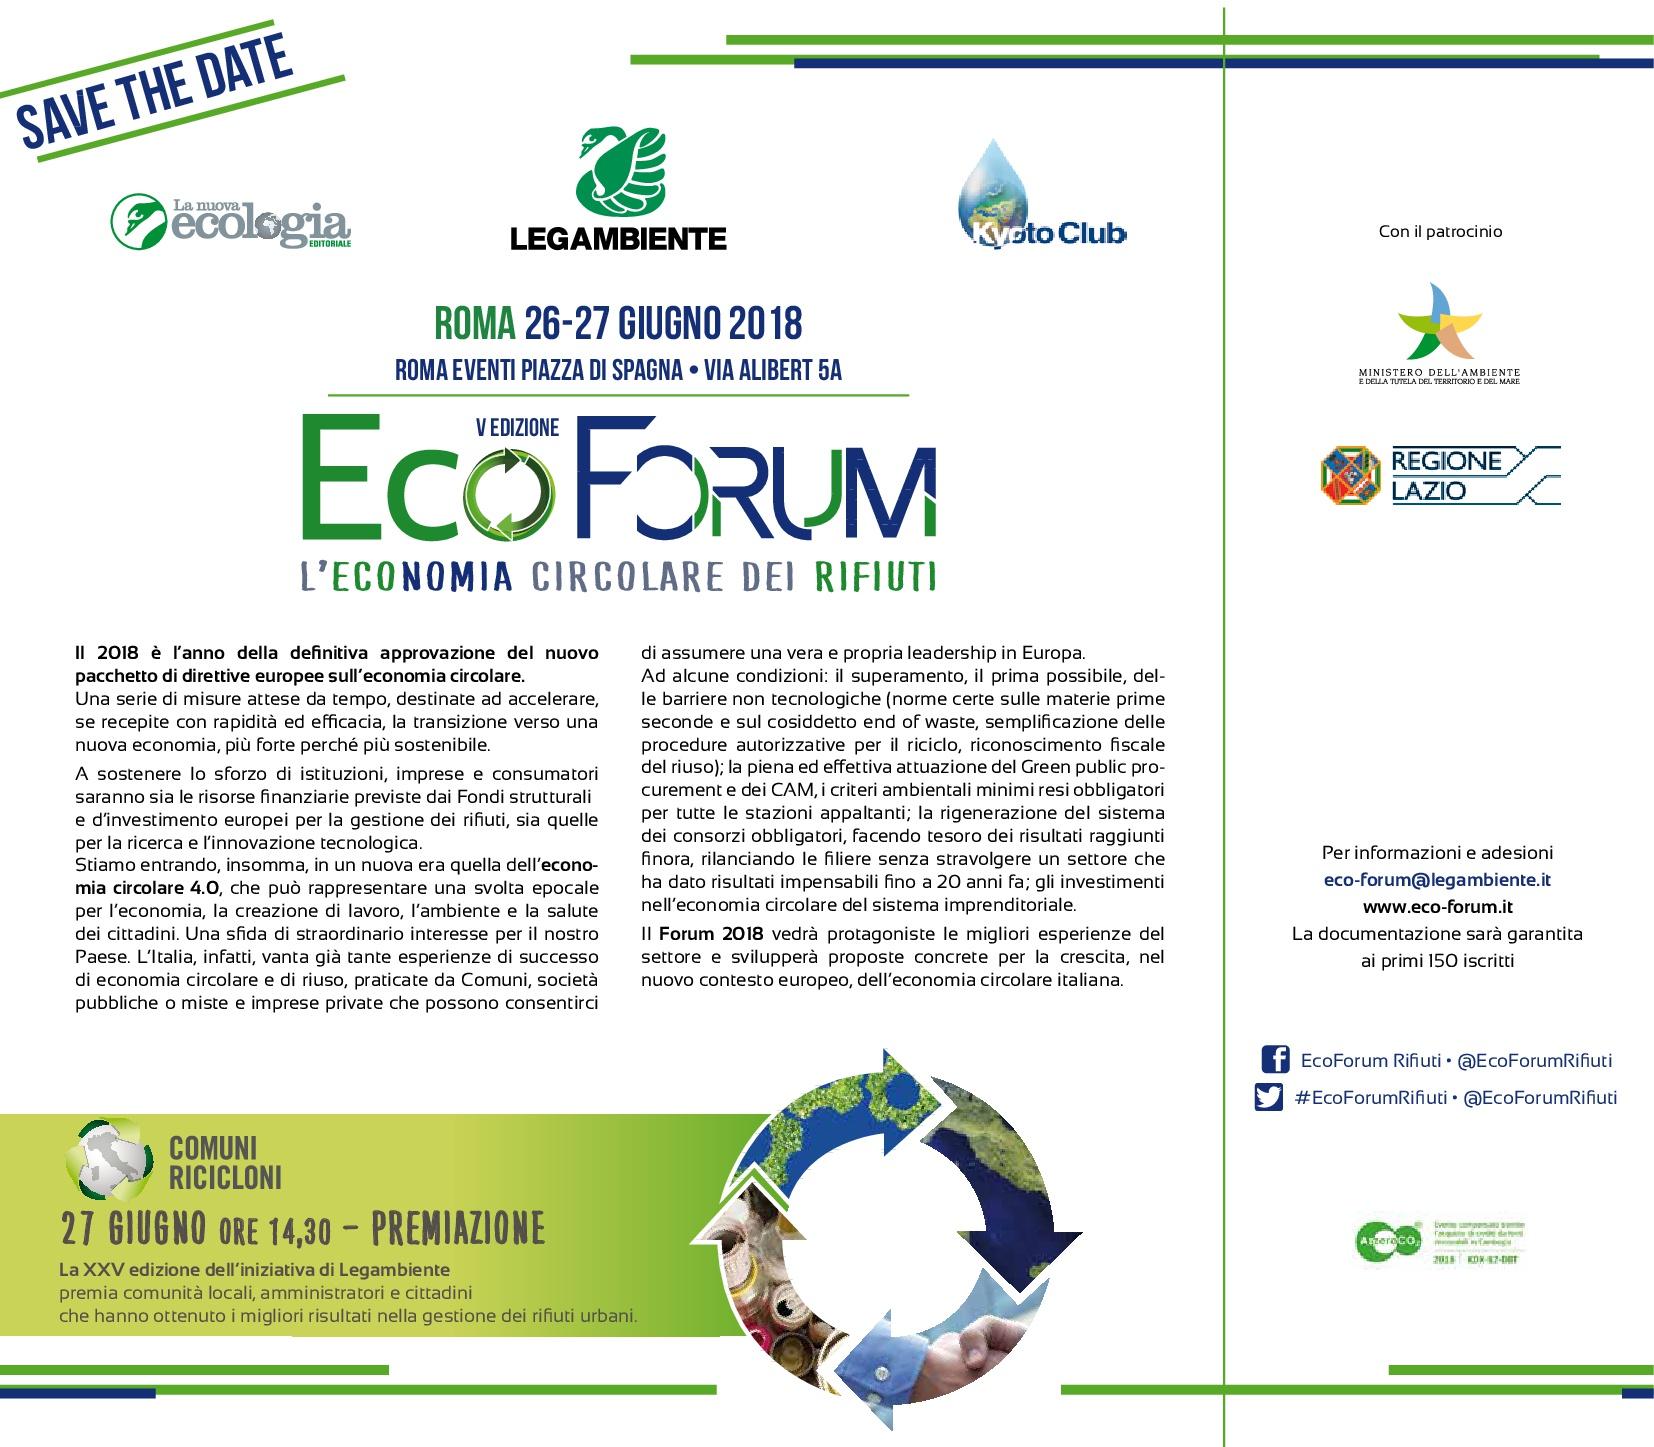 26 e 27 giugno: EcoForum l'economia circolare dei rifiuti